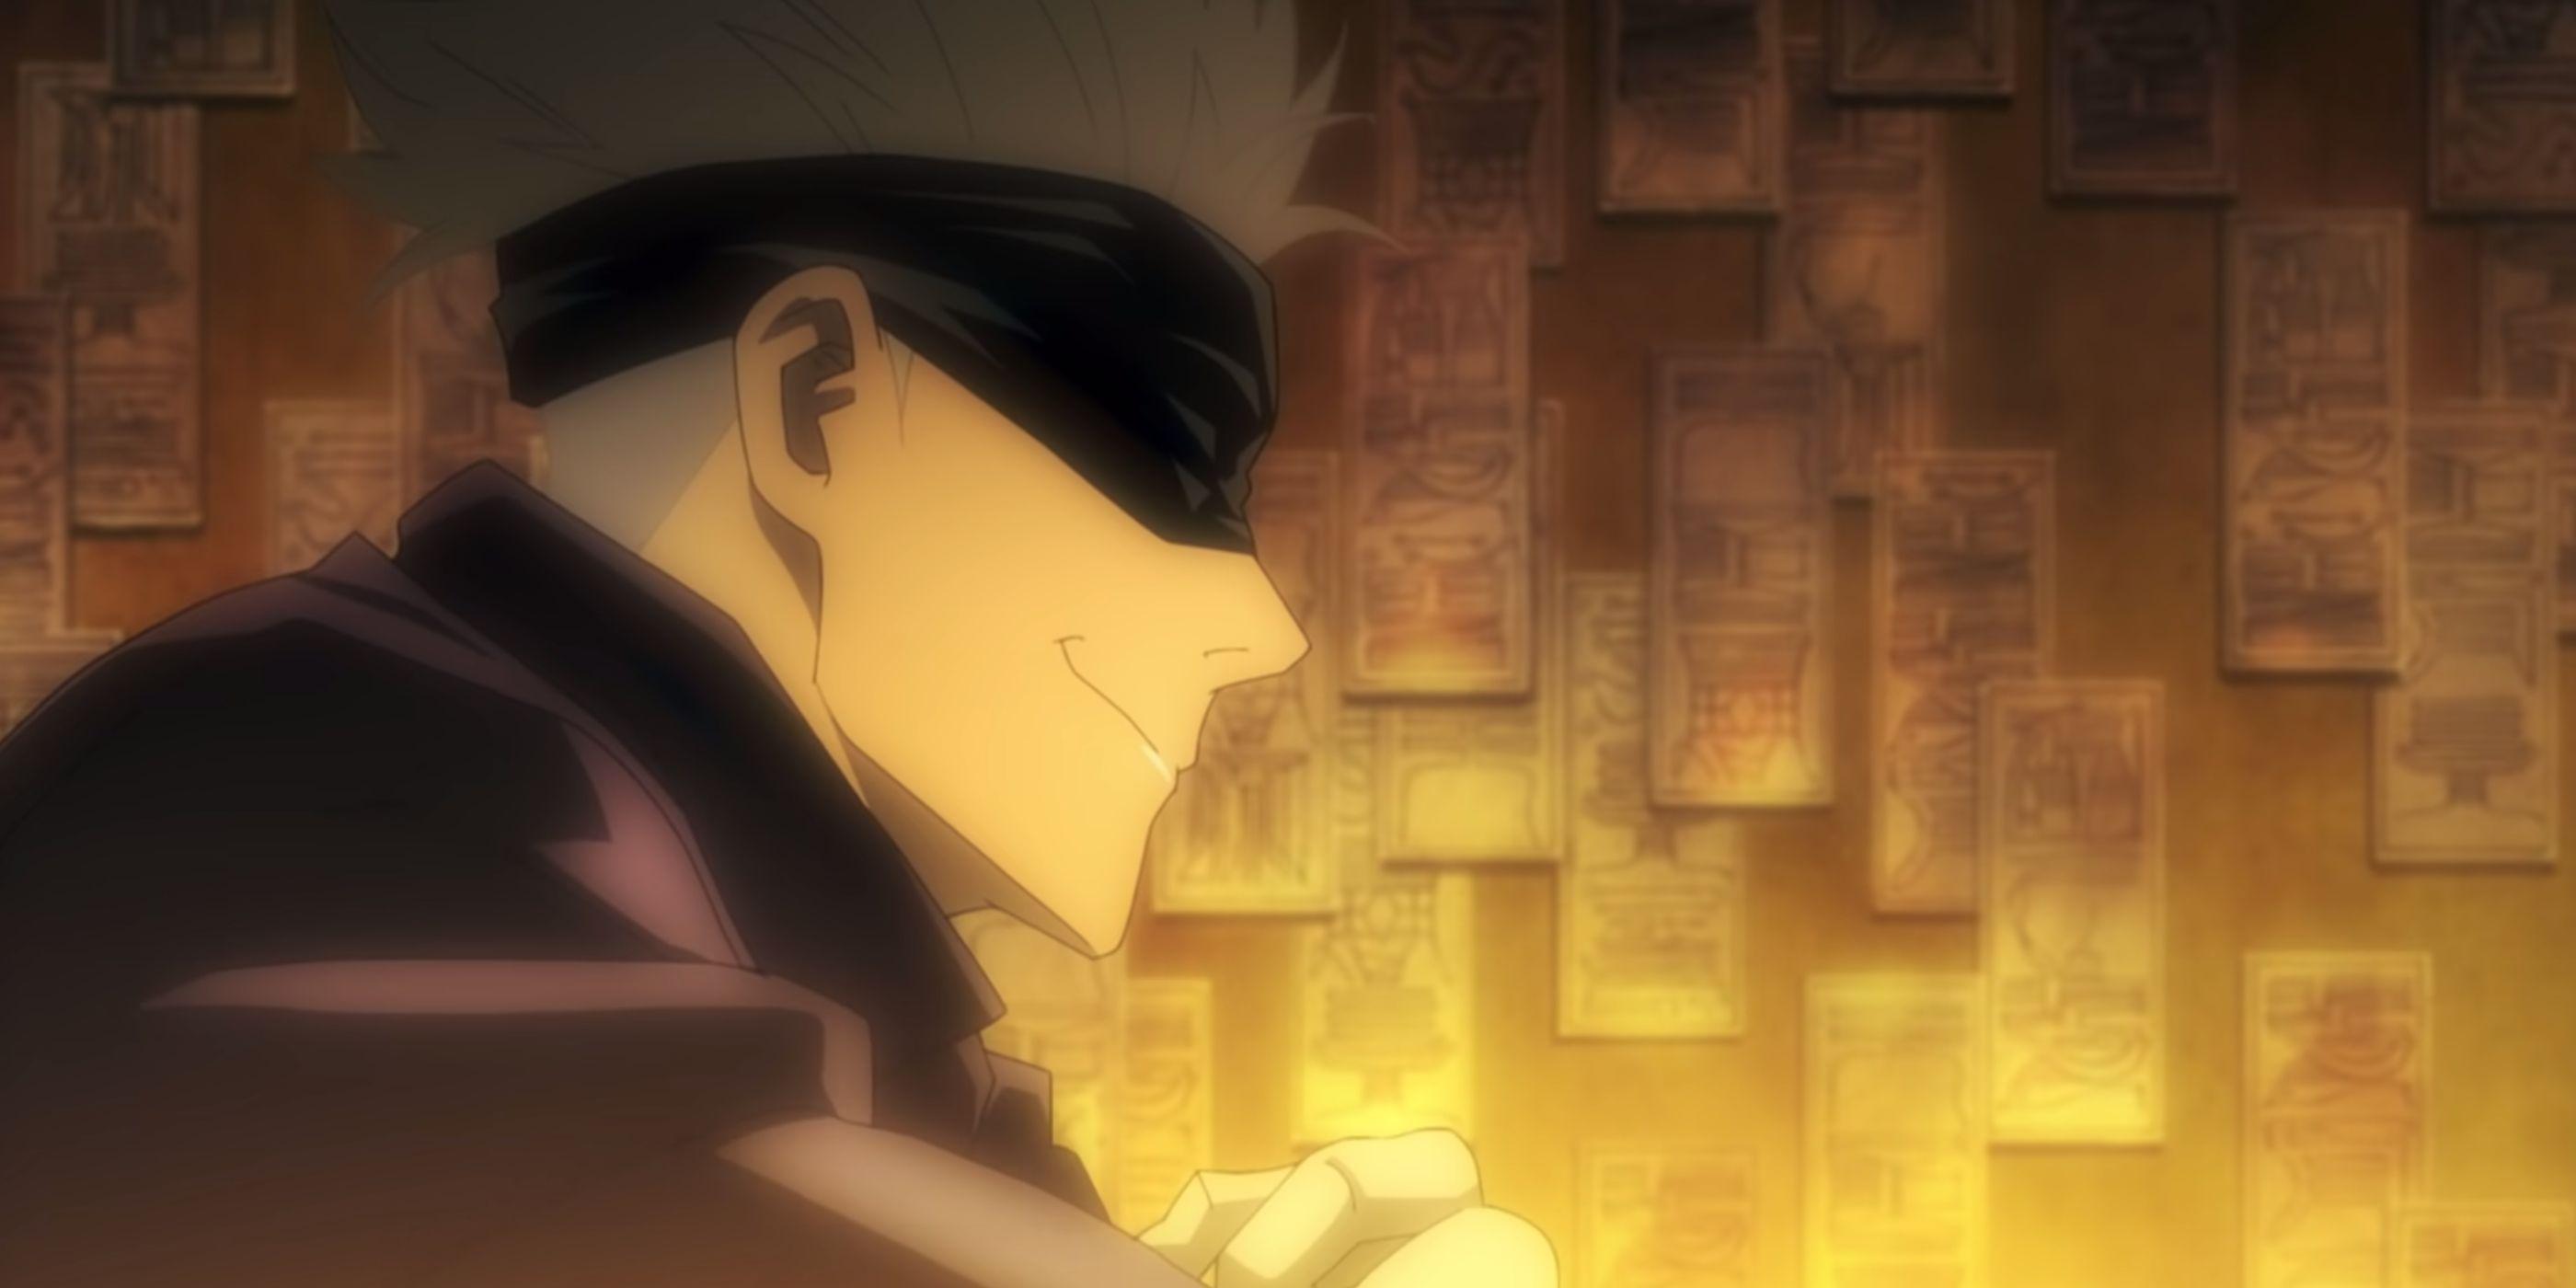 Guia de Personagens Jujutsu Kaisen: Quem é quem no anime da Shonen Jump 3